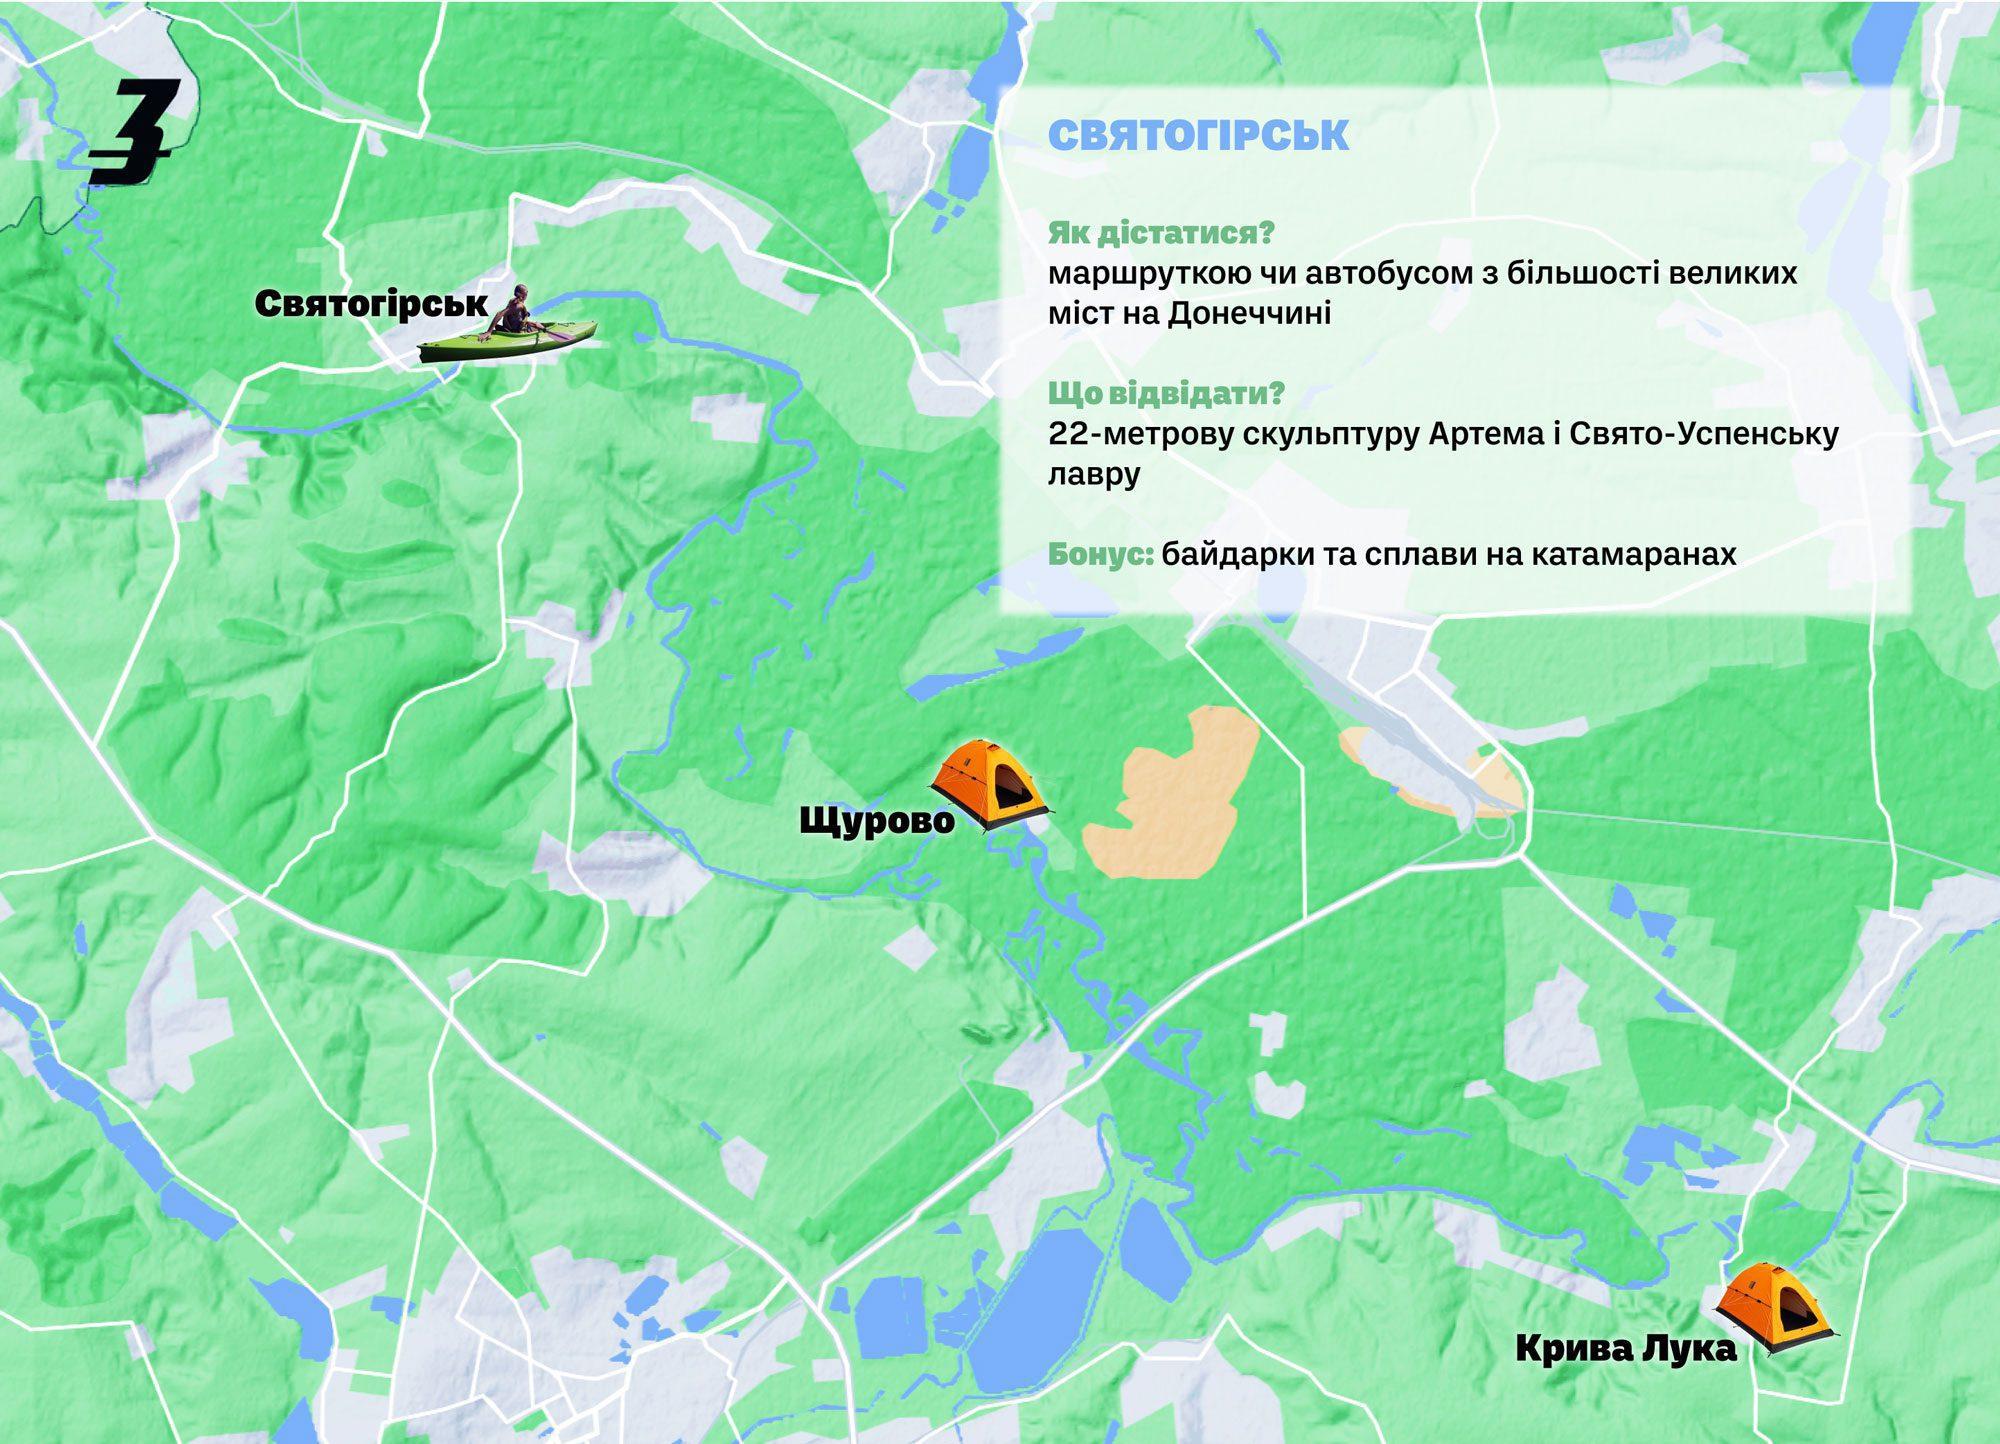 tourism in donbas sviatohorsk - <b>Каякінг, вечірки в Маріуполі та дикий кемпінг.</b> Куди поїхати відпочивати на Донеччині - Заборона